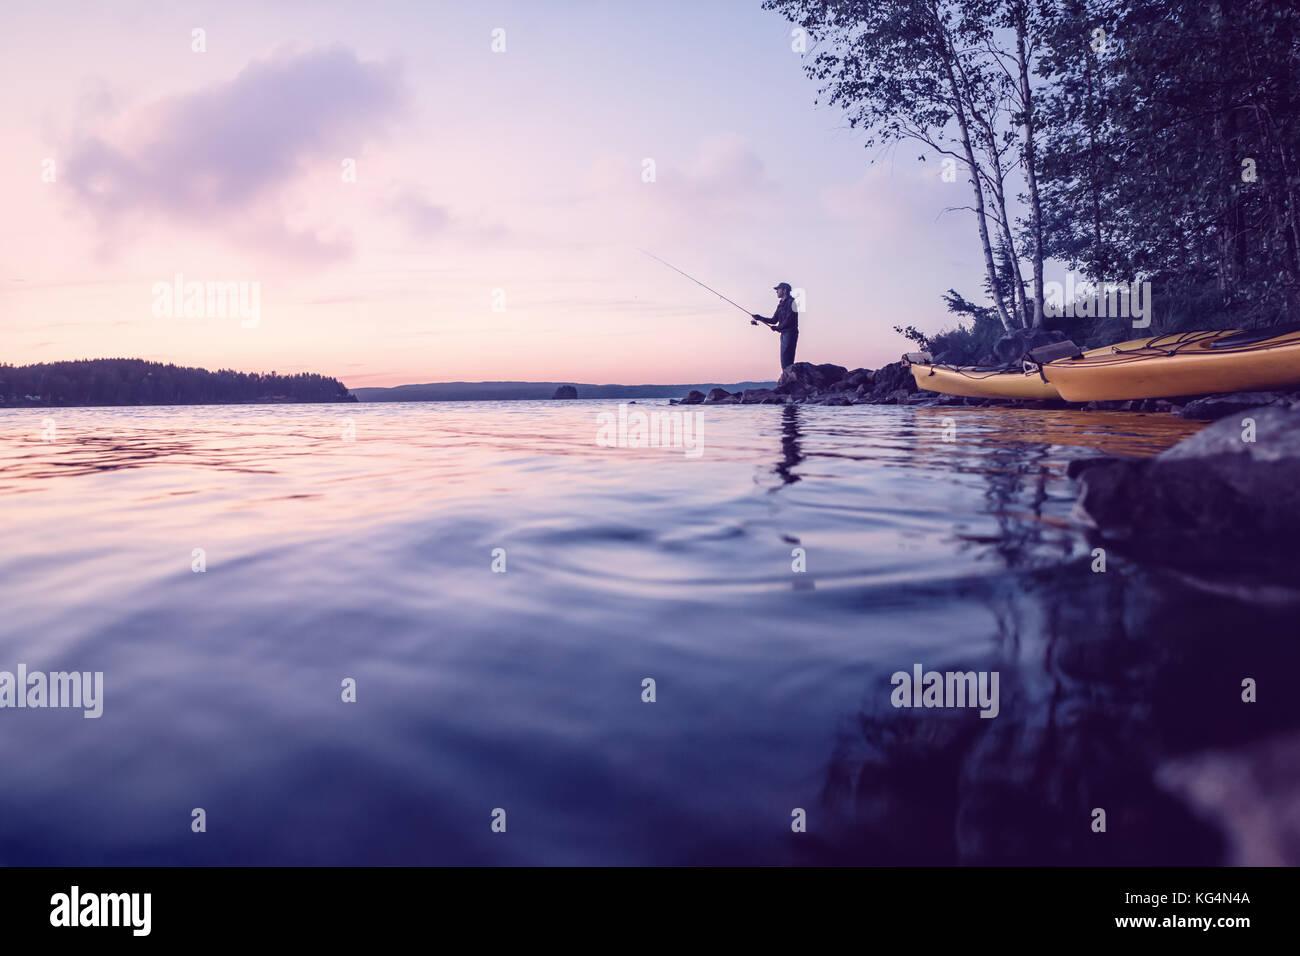 La pêche à un magnifique lac Photo Stock